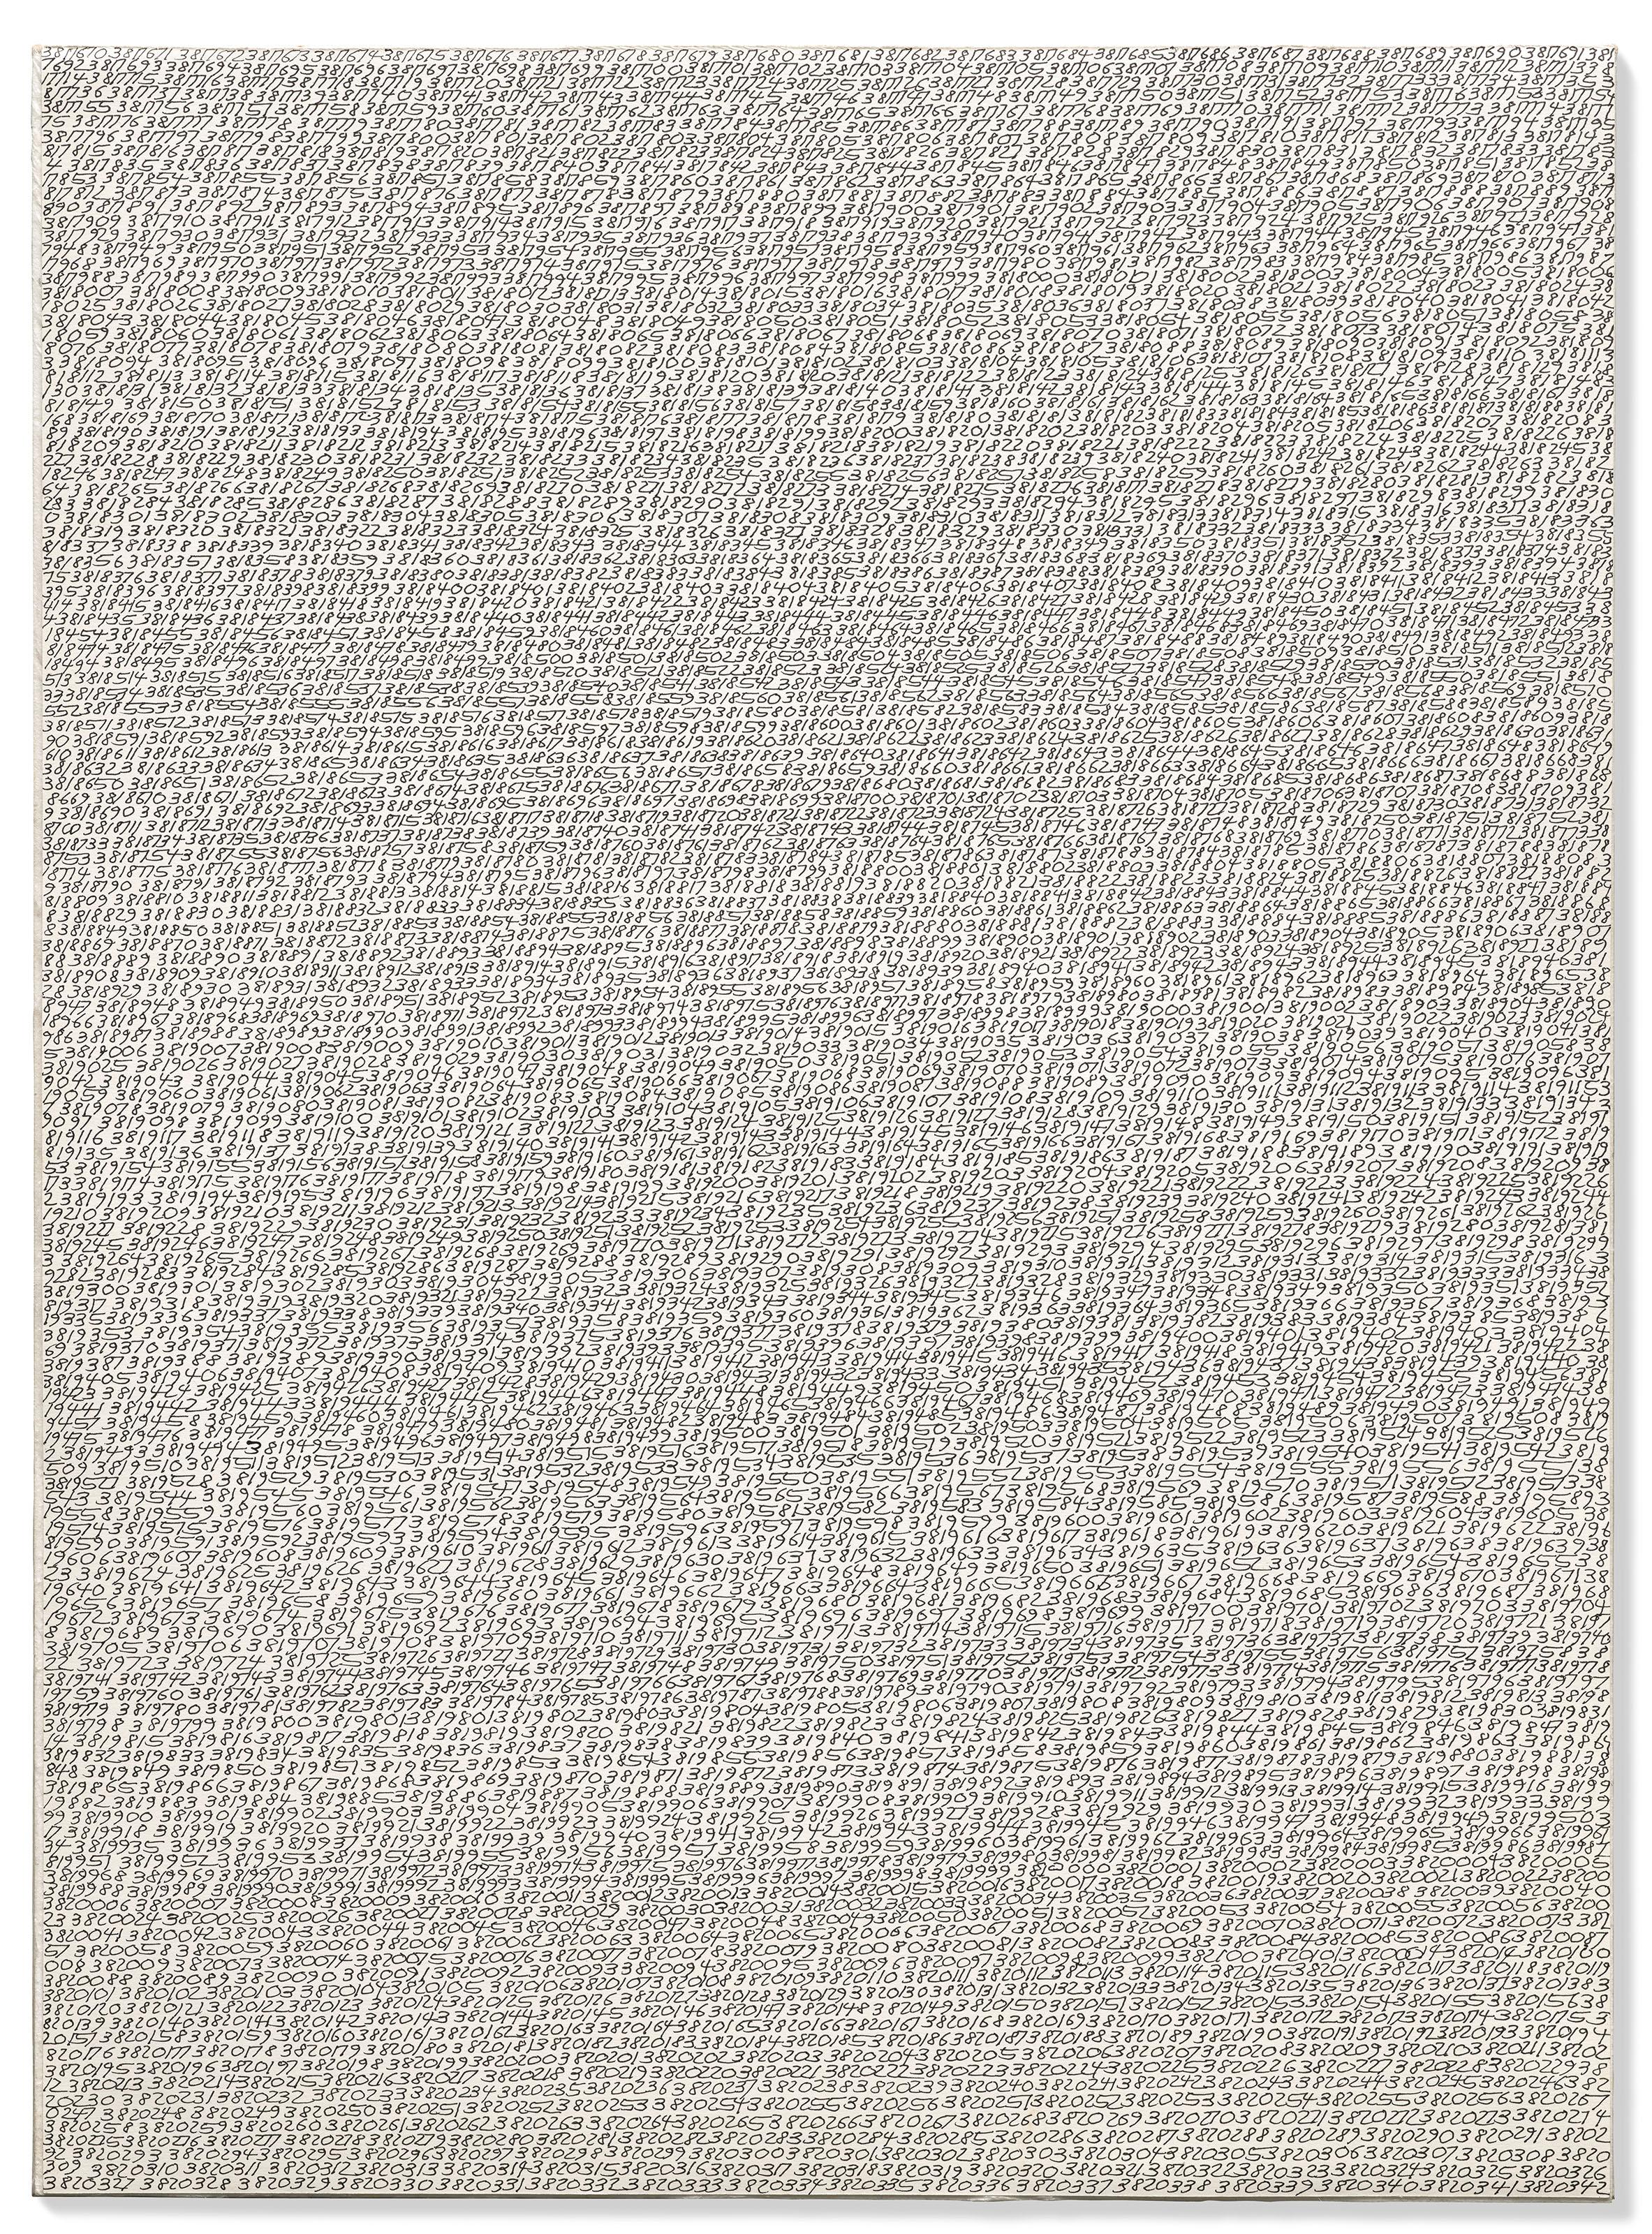 """Roman Opałka (1931-2011) """"Detal 3817670-3820342"""", źródło: Christie's"""